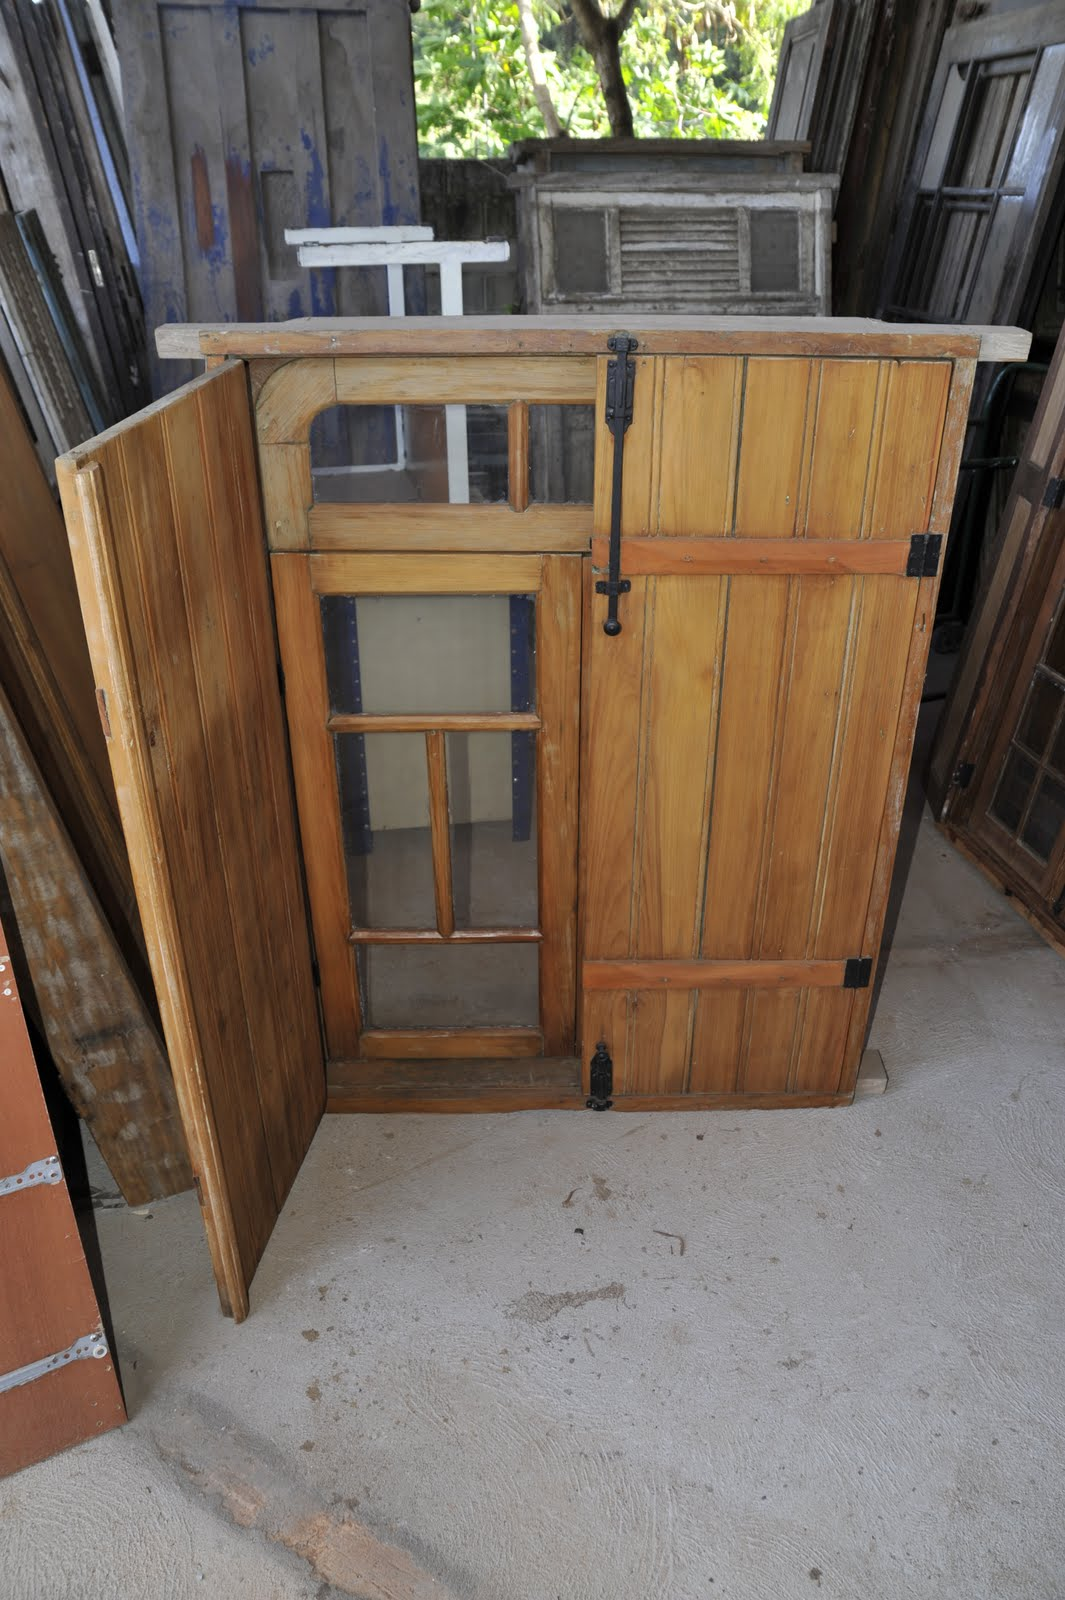 #8E6C3D Compra e Venda de porta e janelas antigas. 500 Janelas E Portas De Madeira Em Goiania